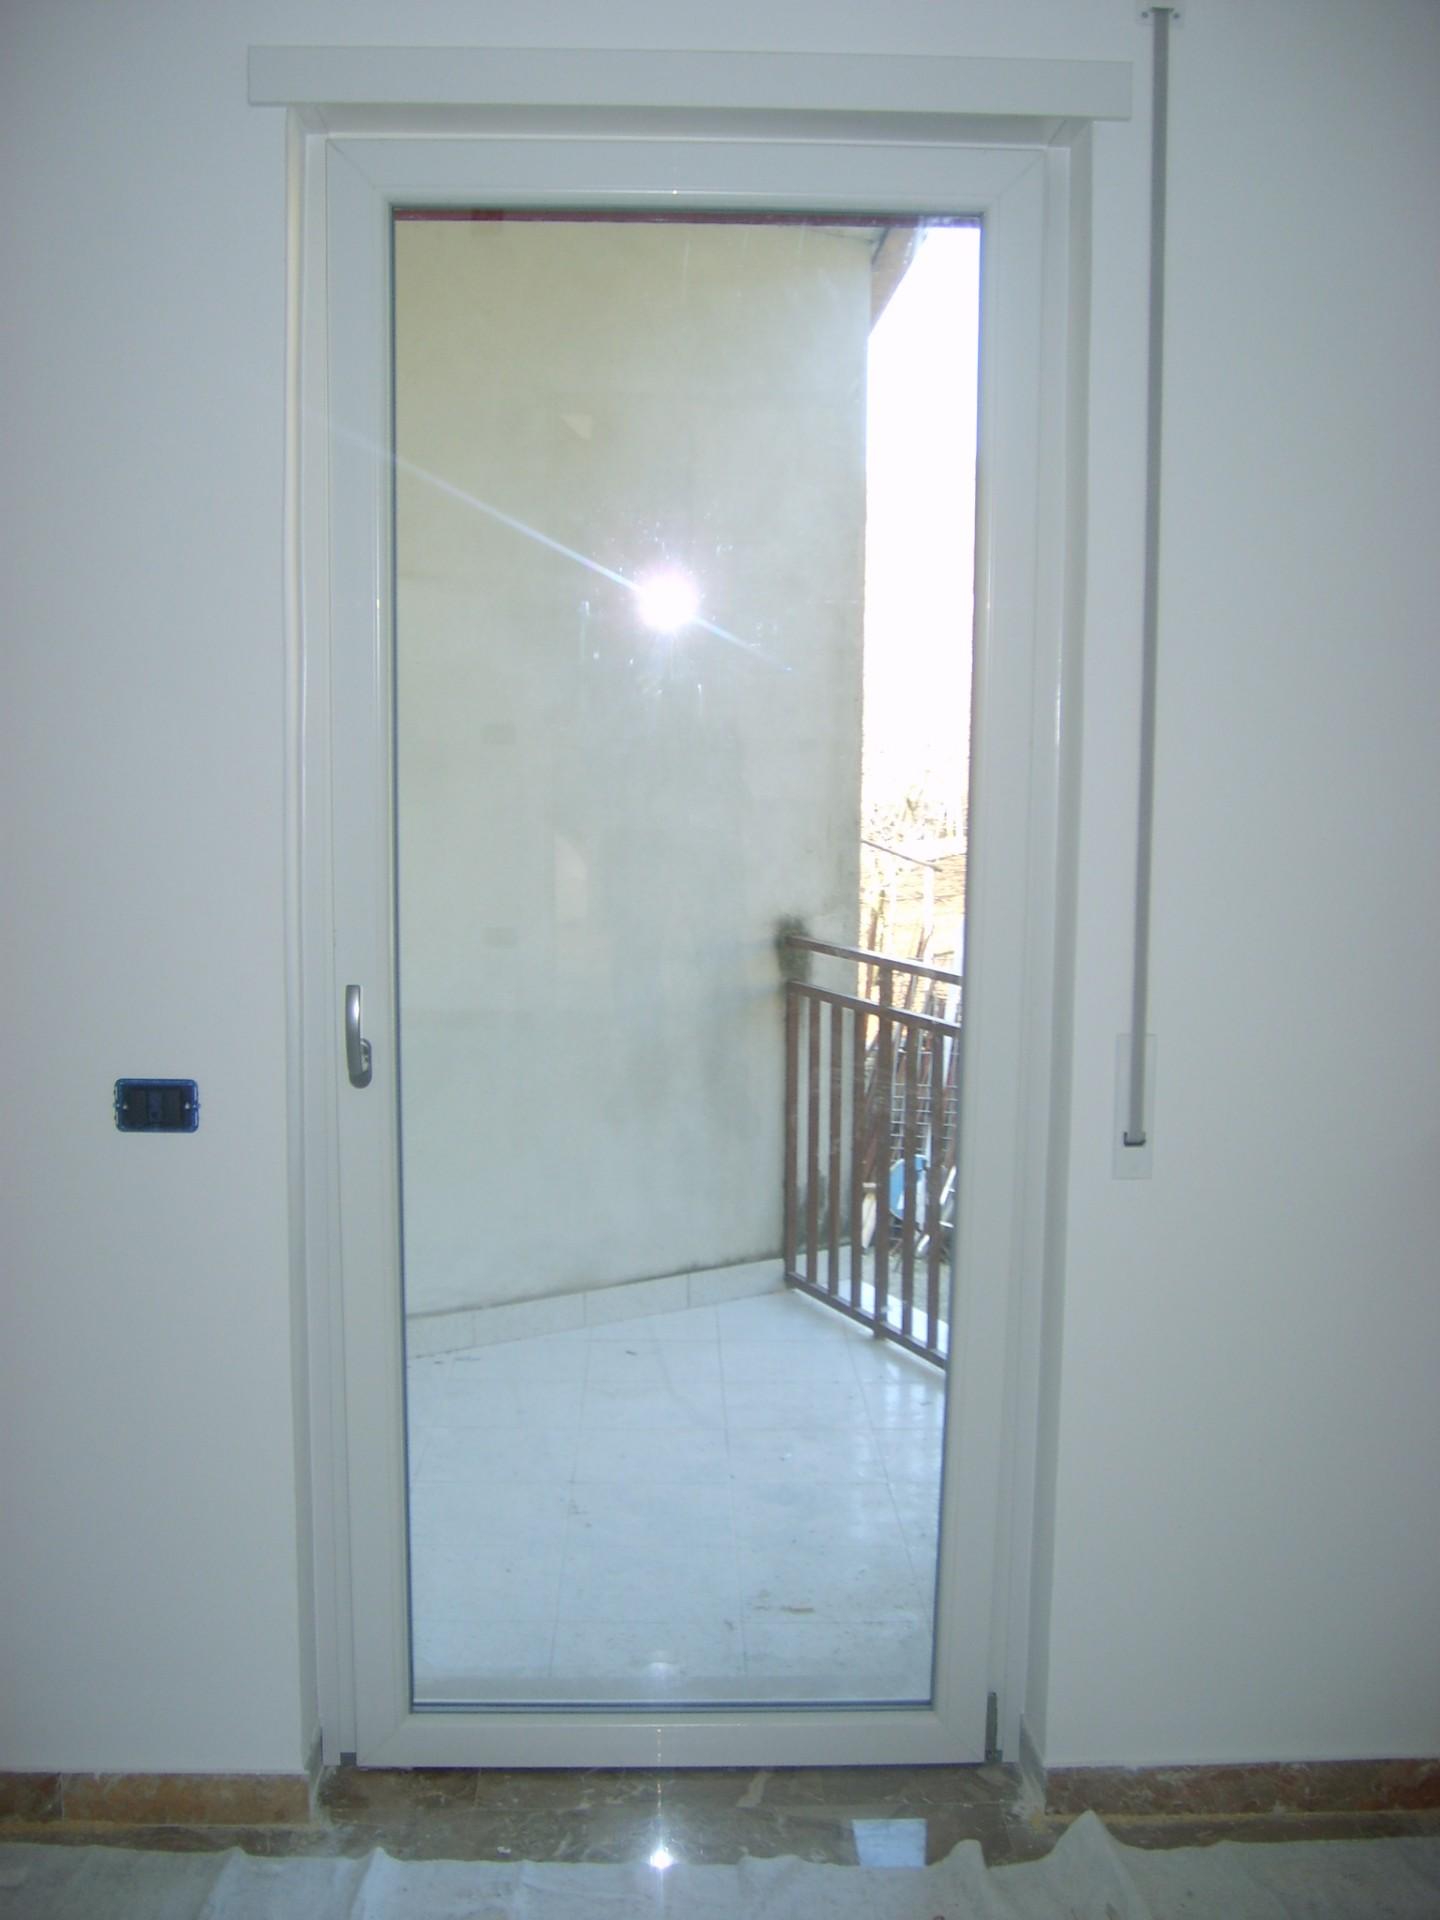 Serramenti in pvc e porte interne infix - Porte interne in pvc ...